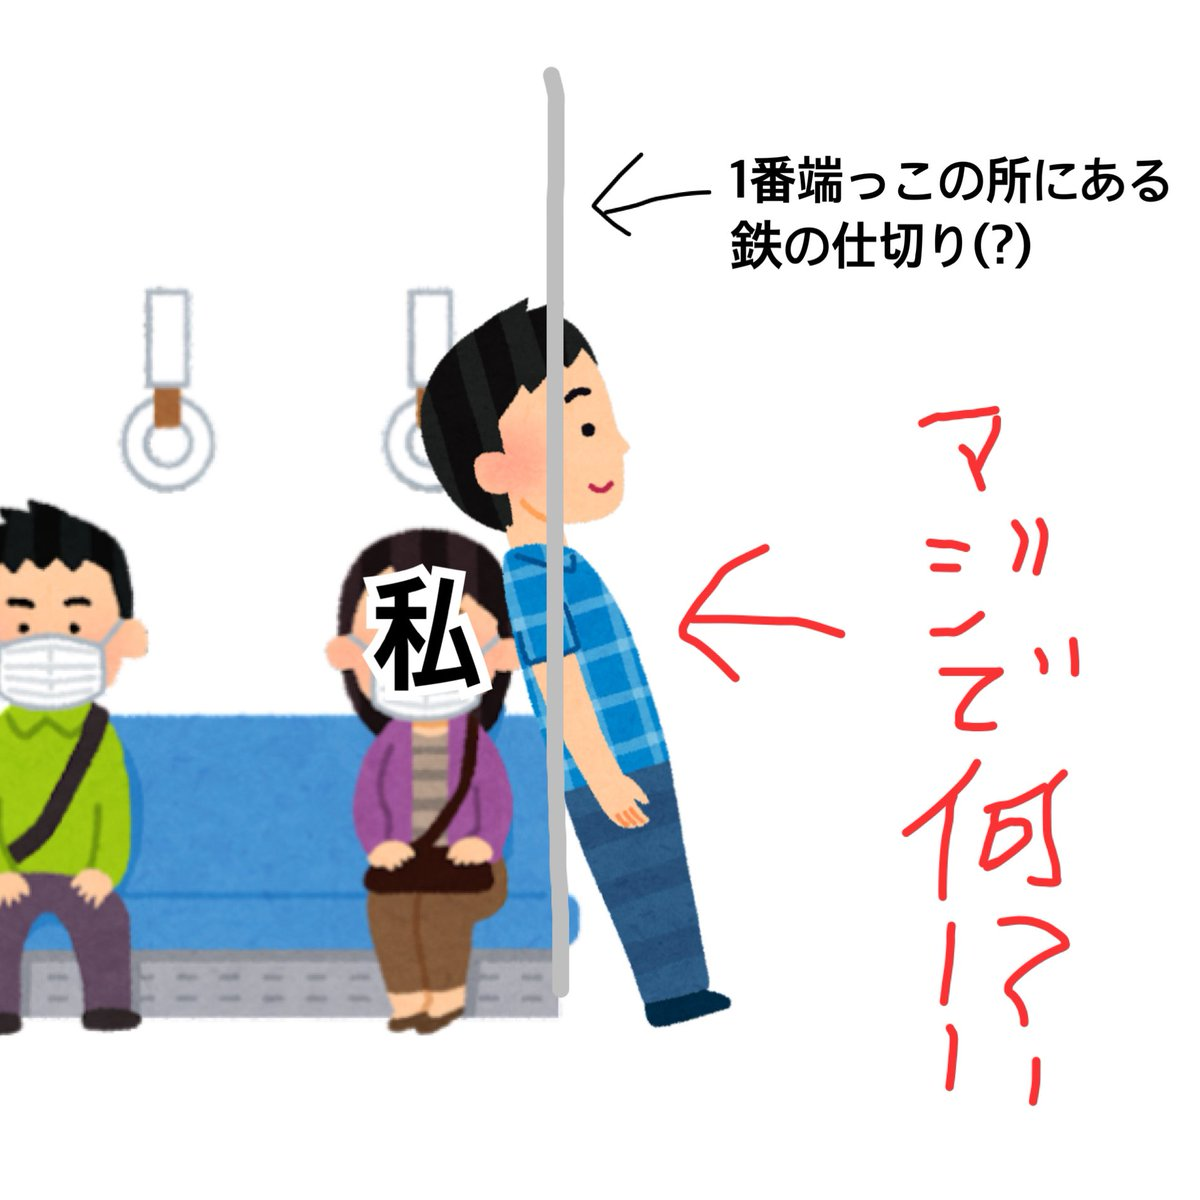 皆はマネしないように!電車での不快な行動がこれ!